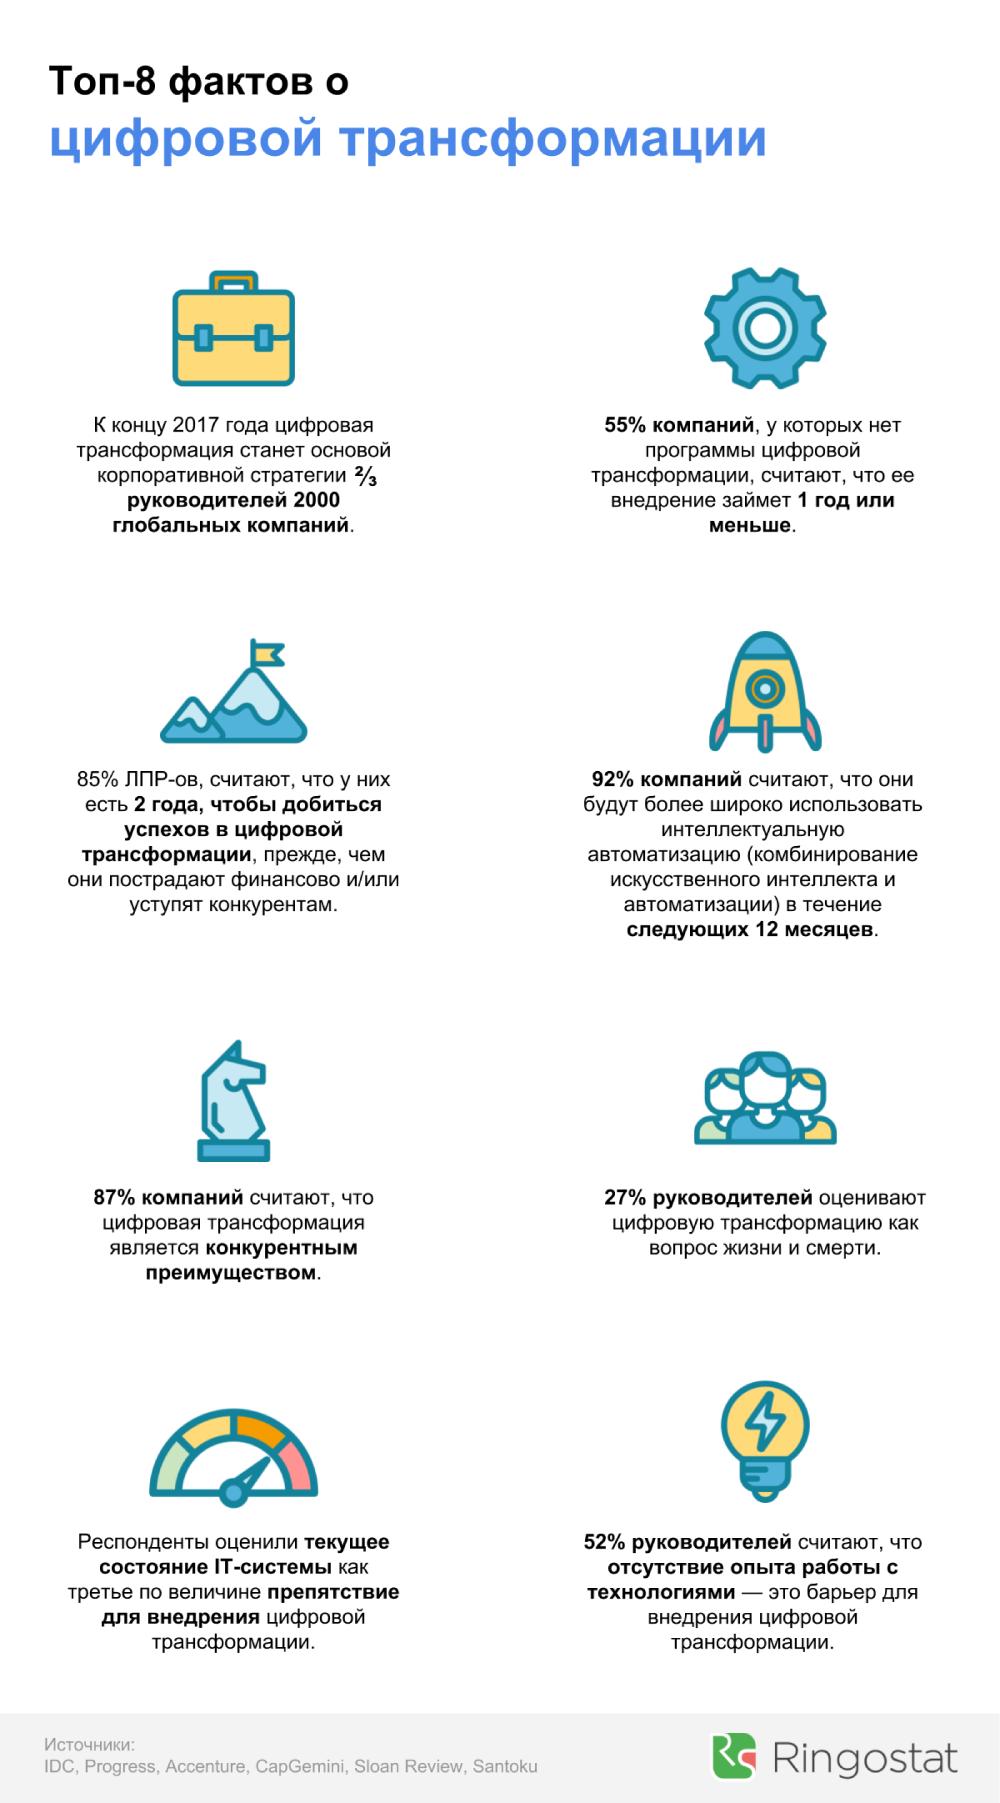 Топ-8 фактов о цифровой трансформации